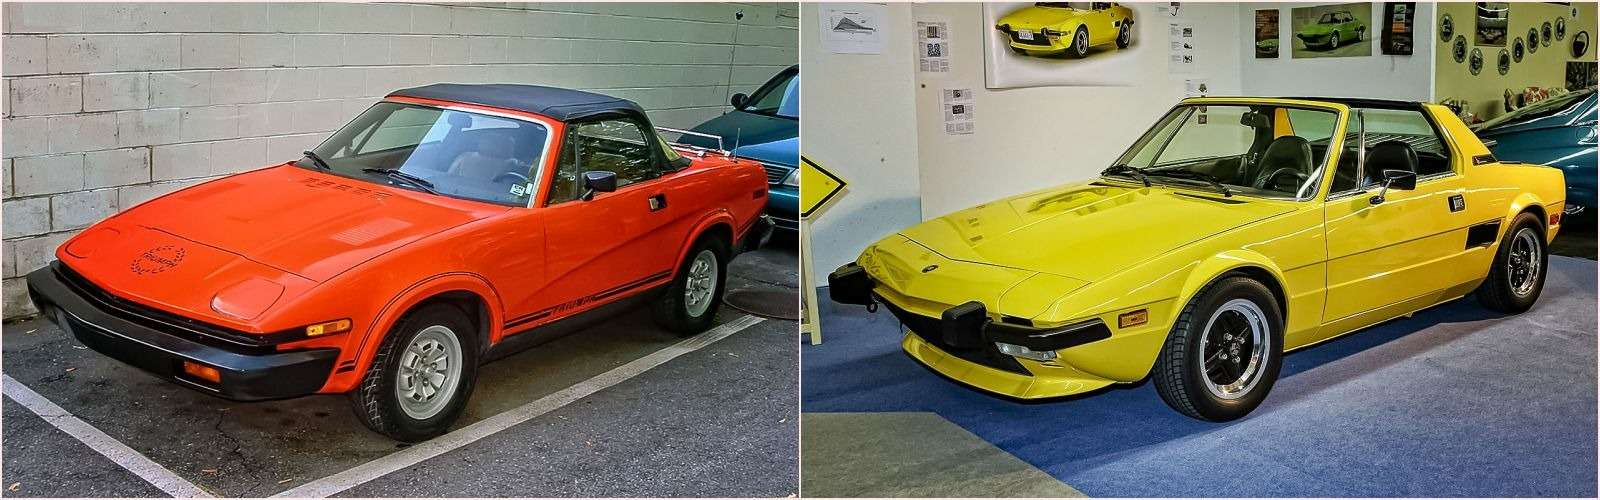 Первые автомобили-клоны: британцы, немцы, шведы...— фото 779925